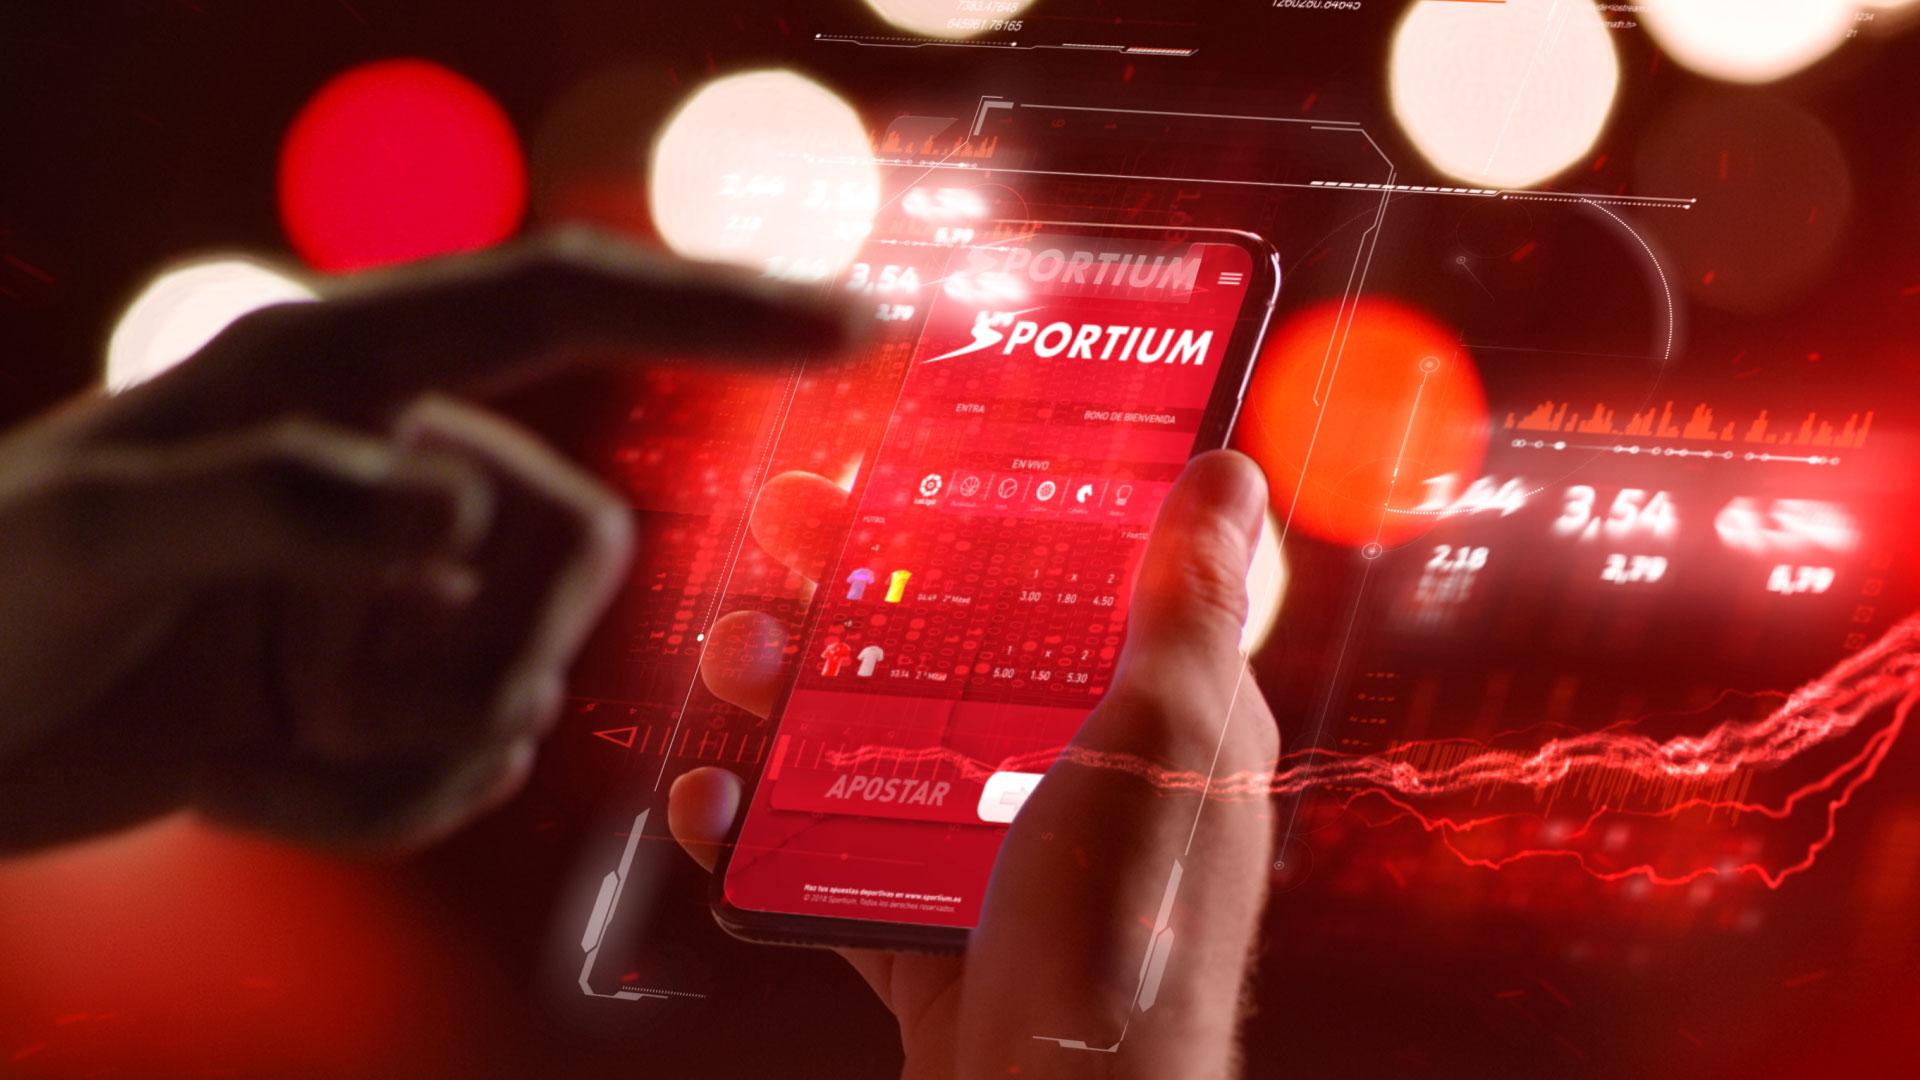 Dale Sportium 03